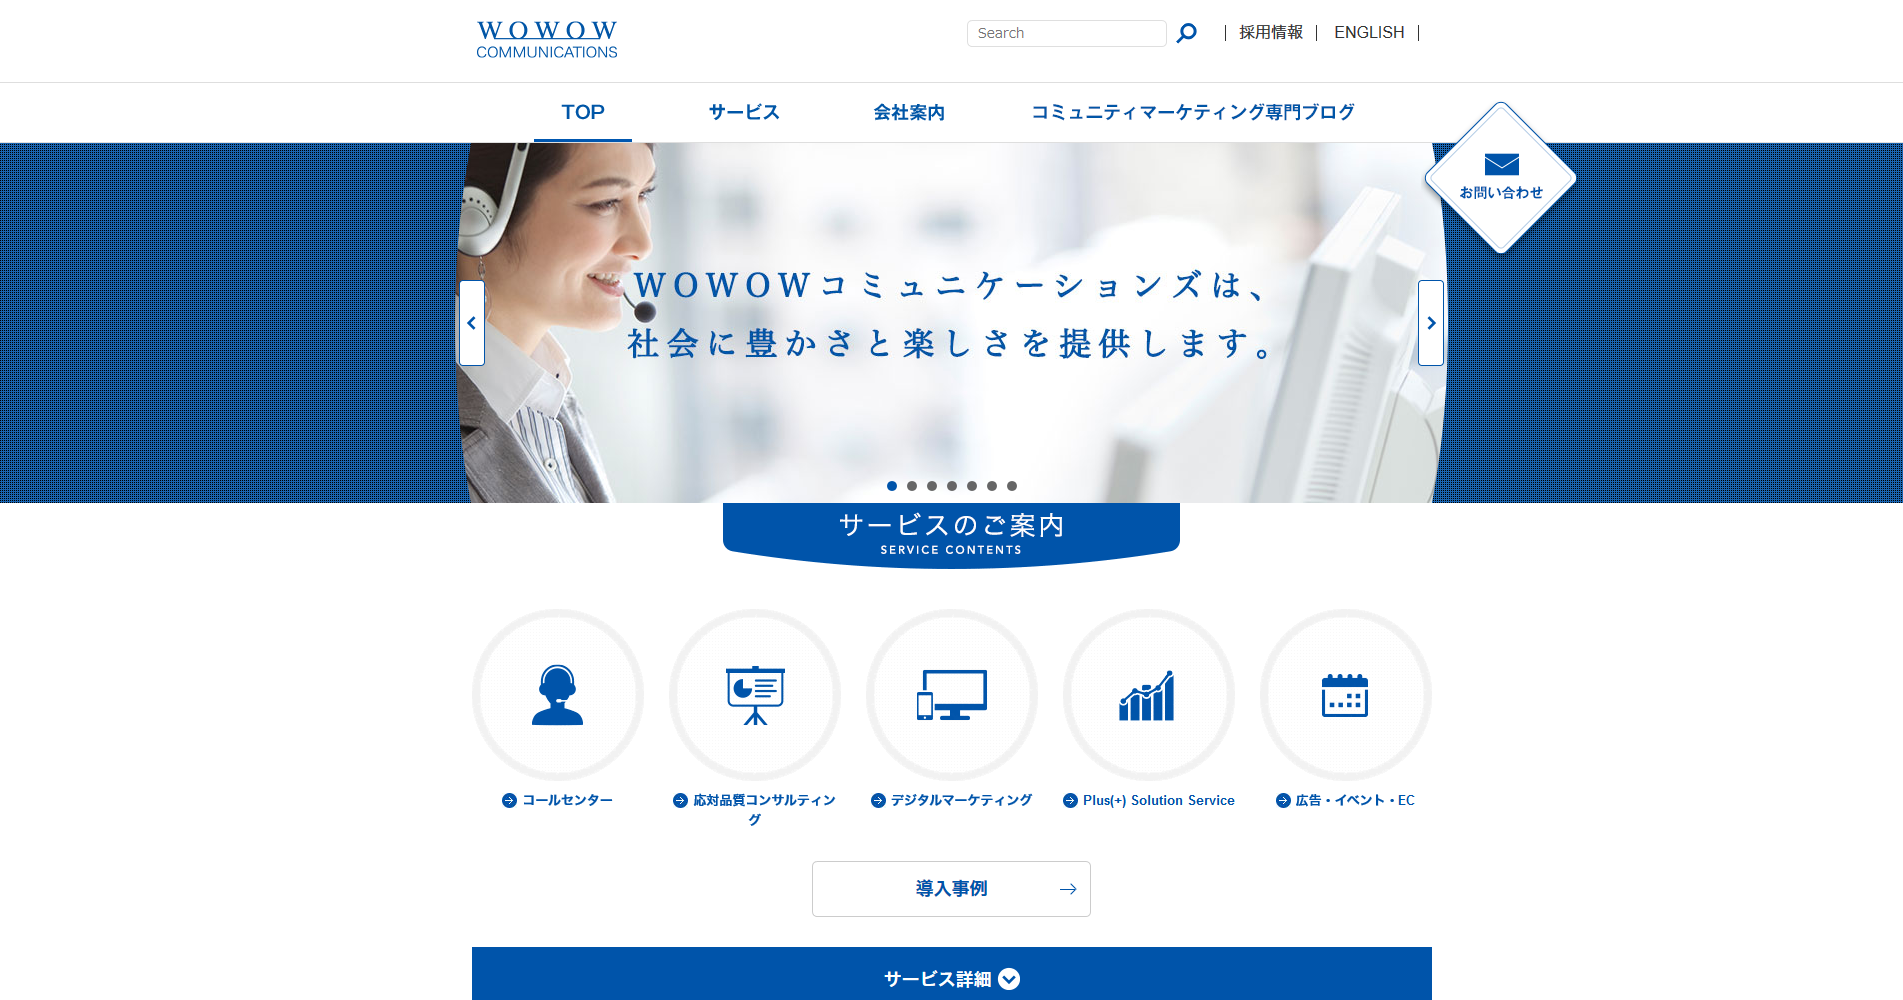 株式会社WOWOWコミュニケーションズ コーポレートサイト